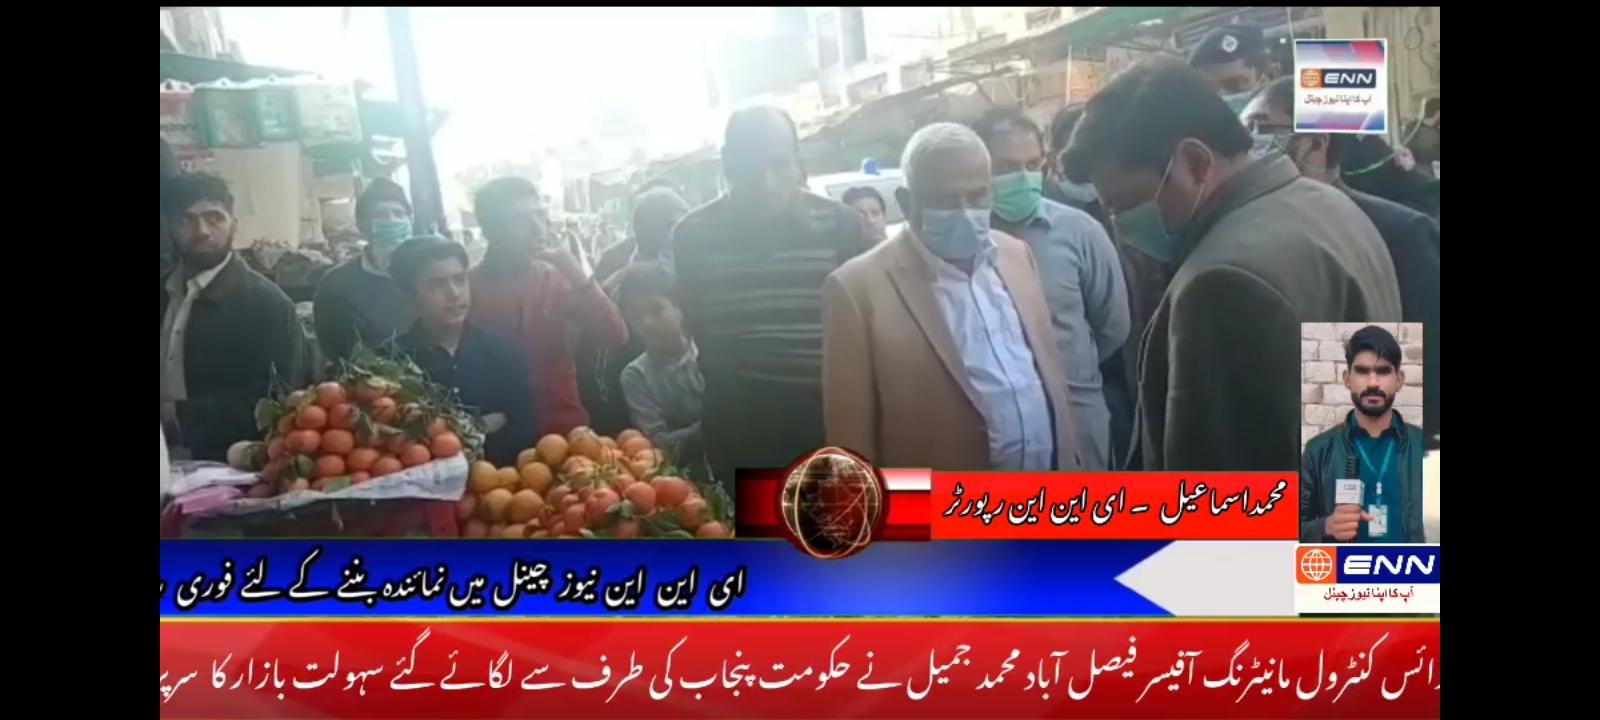 تاندلیانوالہ : پرائس کنٹرول مانیٹرنگ آفیسر فیصل آباد محمد جمیل نے حکومت پنجاب کی طرف سے لگائے گئے سہولت بازار کا  سرپرائز وزٹ کیا